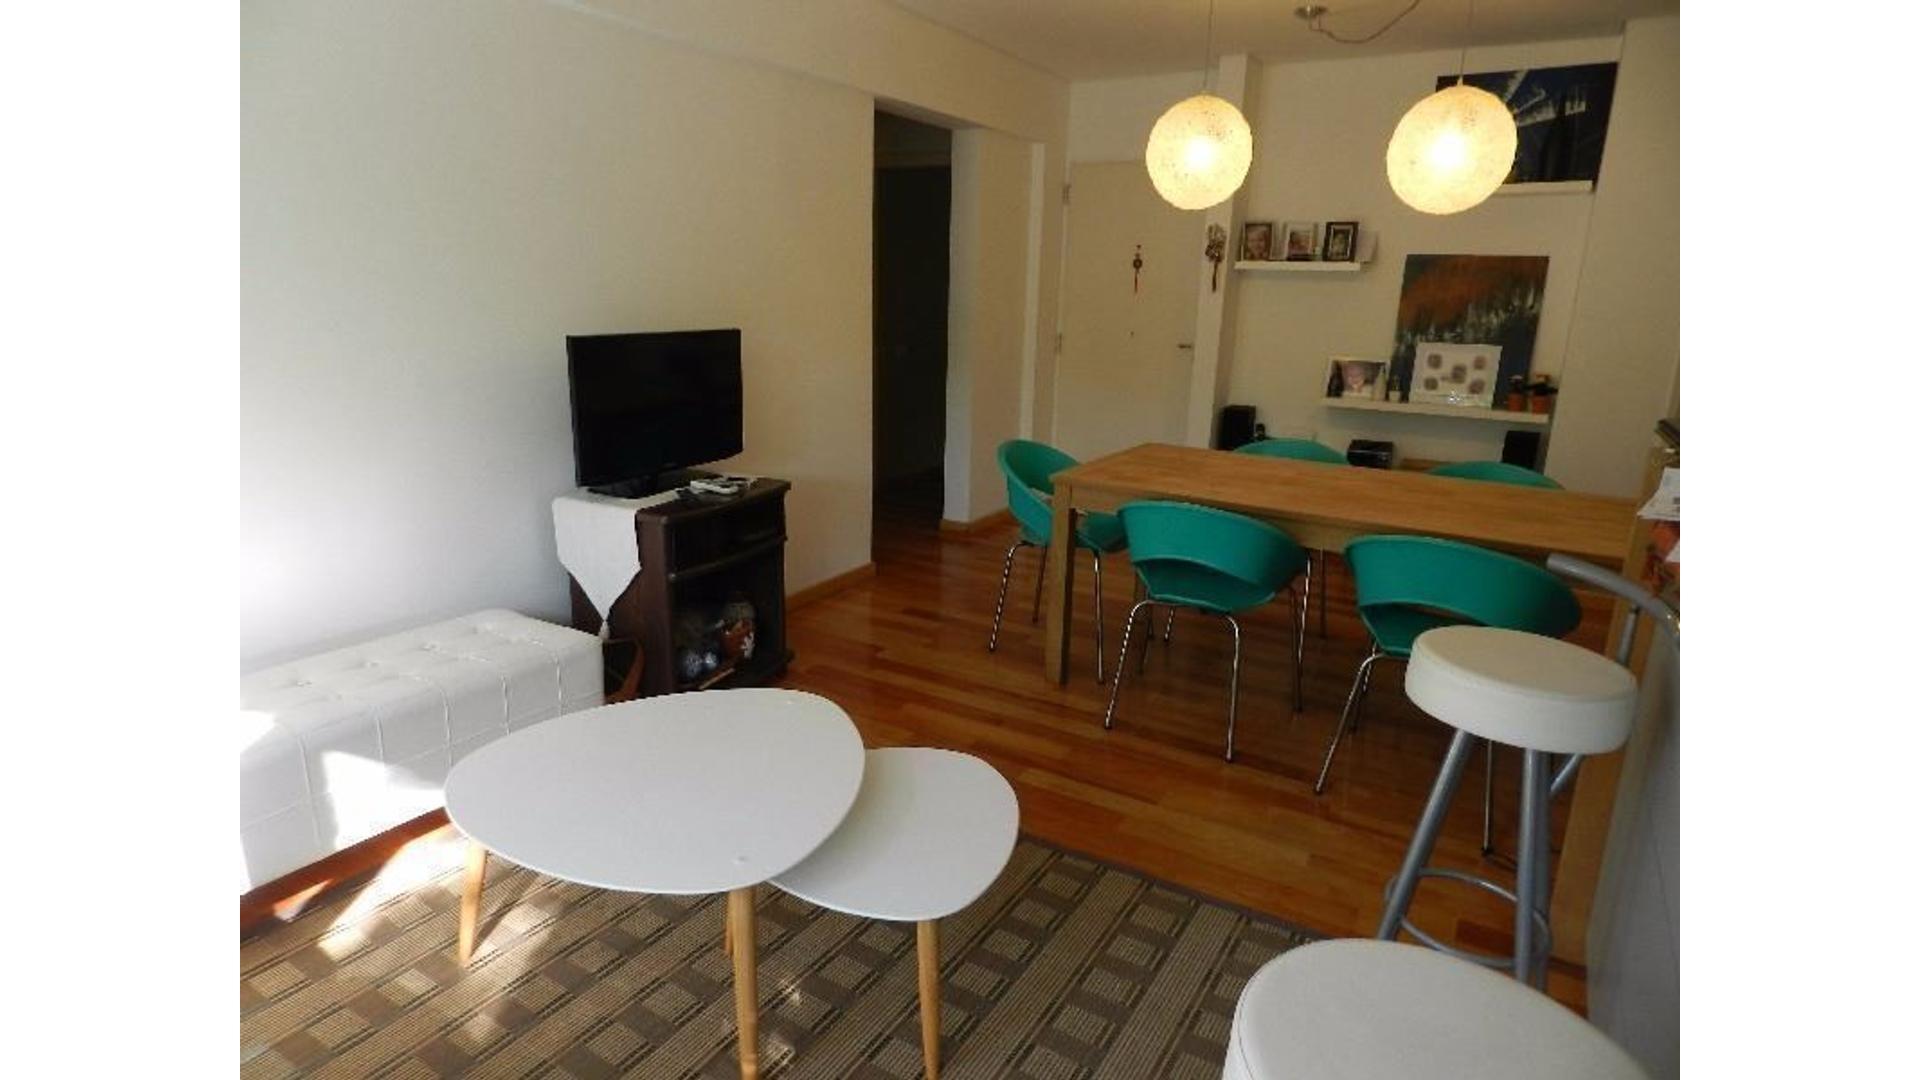 Impecable departamento y excelente ubicación! Dos dormitorios en suite!!!